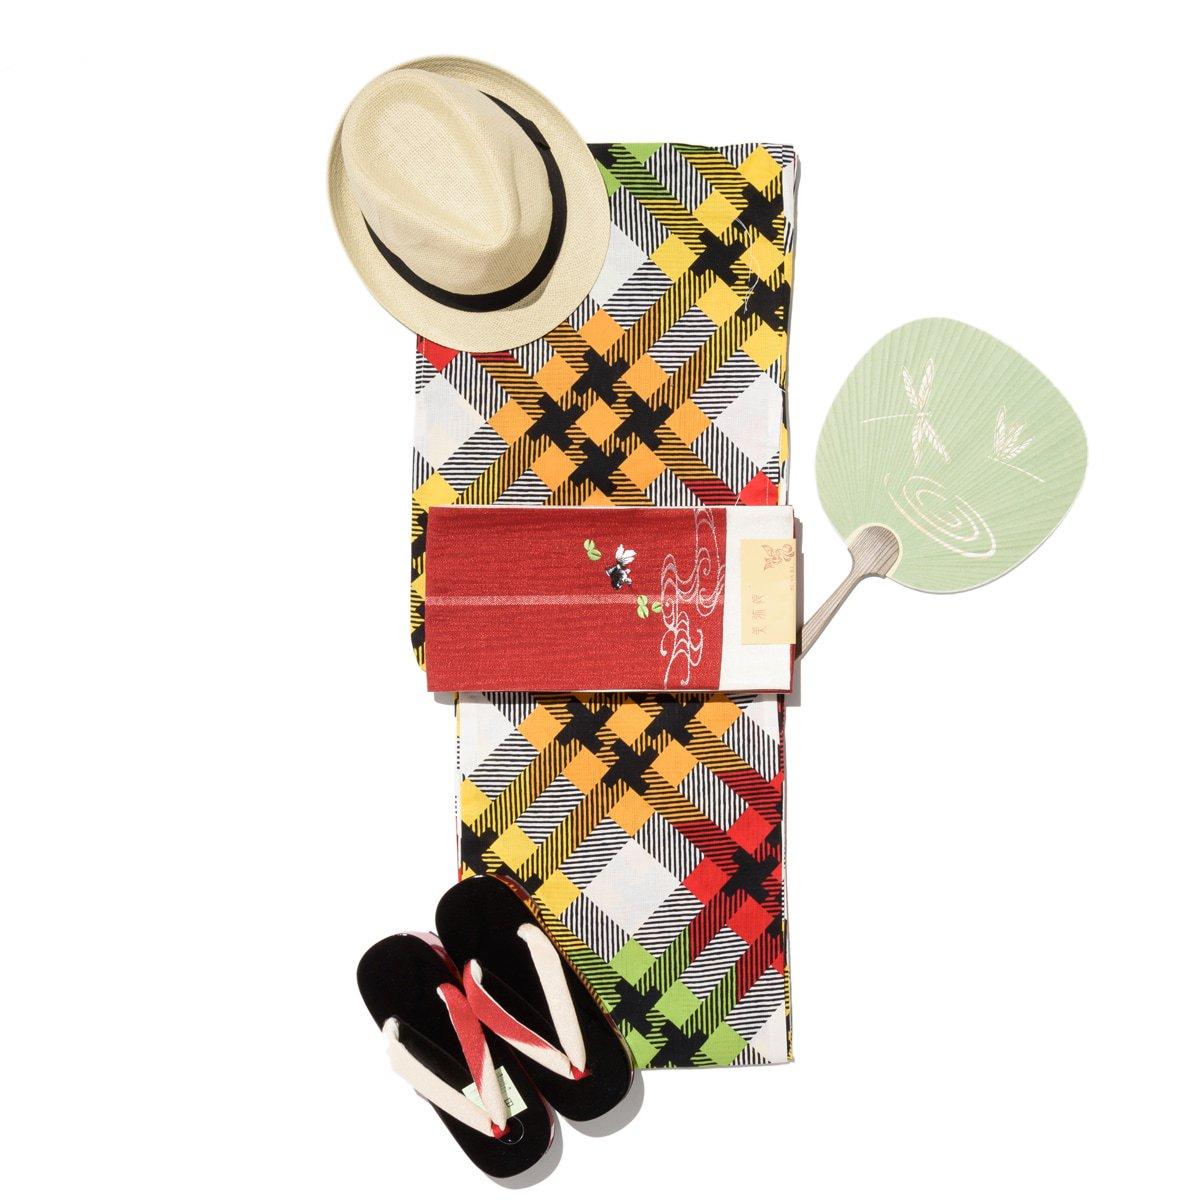 「新品浴衣 シマシマとペケ」の商品画像